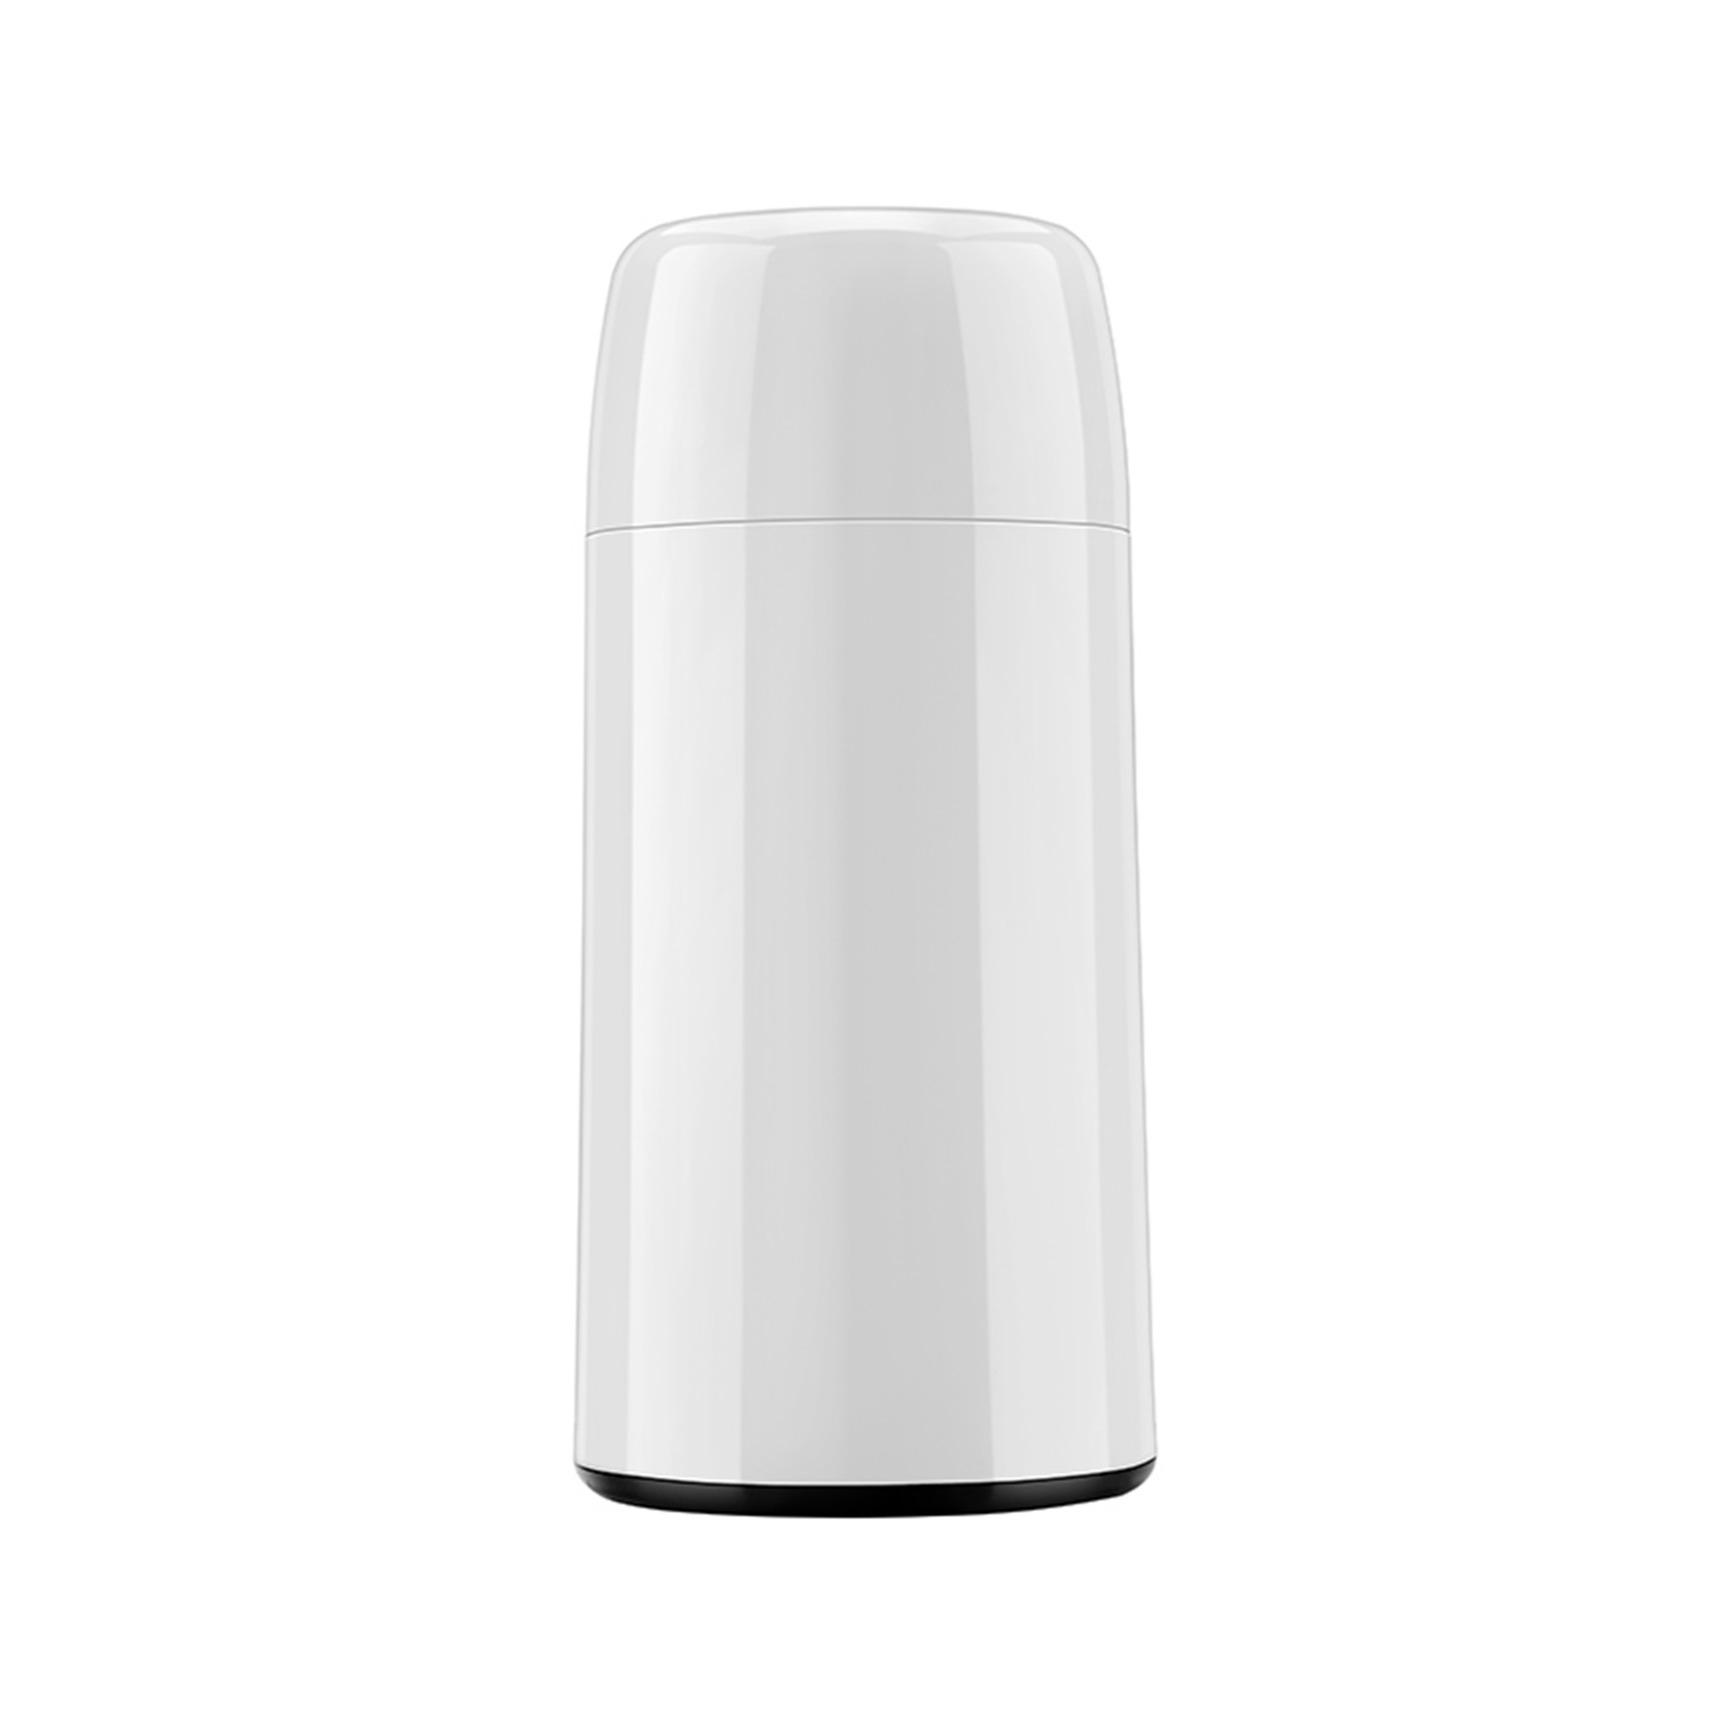 Garrafa Termica de Plastico Rosca 0250L Branco - Firenzi Mini - Invicta